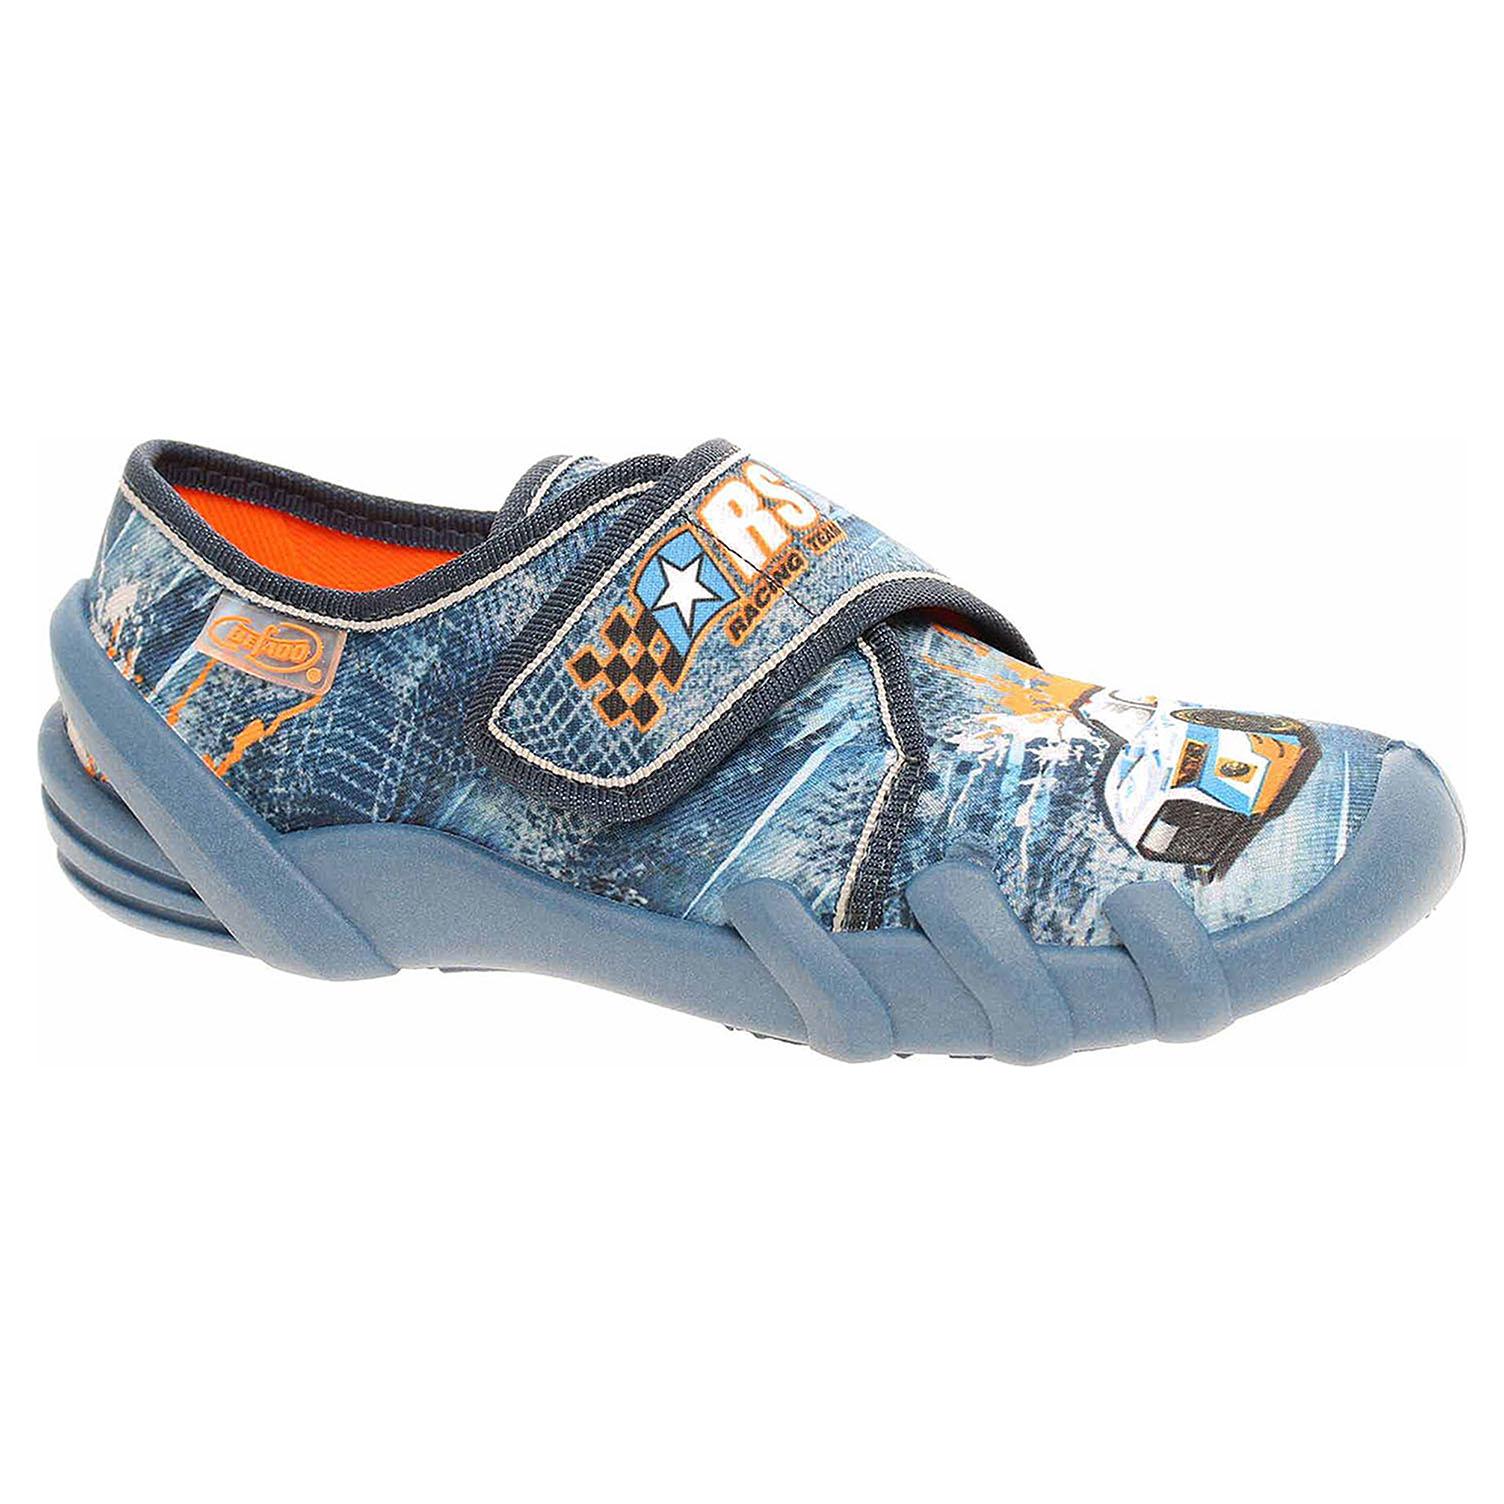 273X252 modrá chlapecké bačkory, s.zip Befado